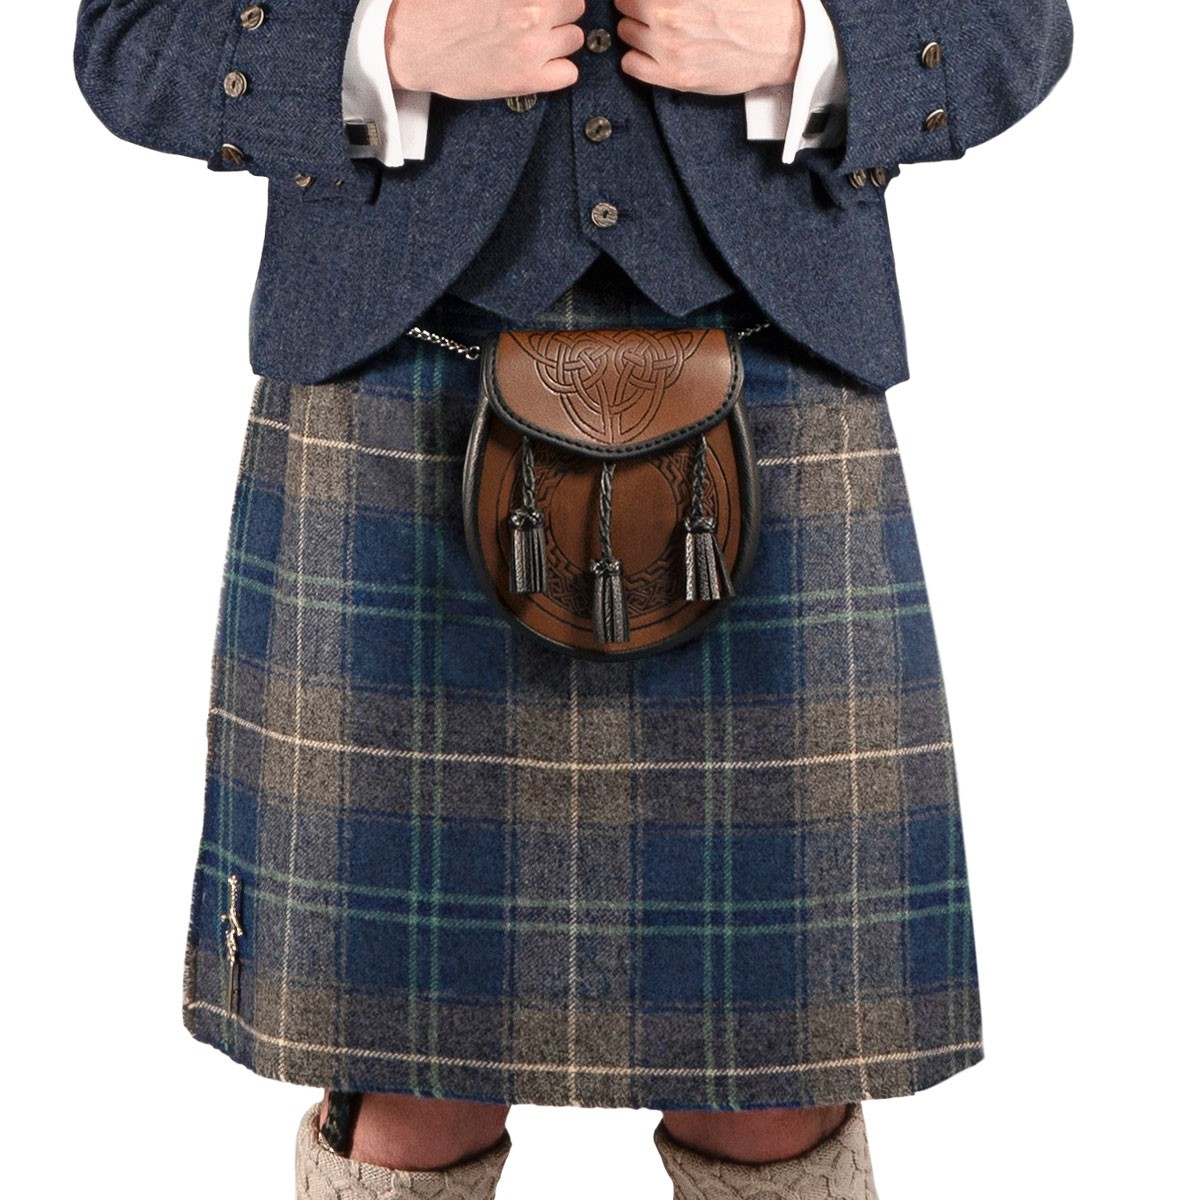 Mens Casual 5 Yard Waverley Tweed Medium Weight Kilt